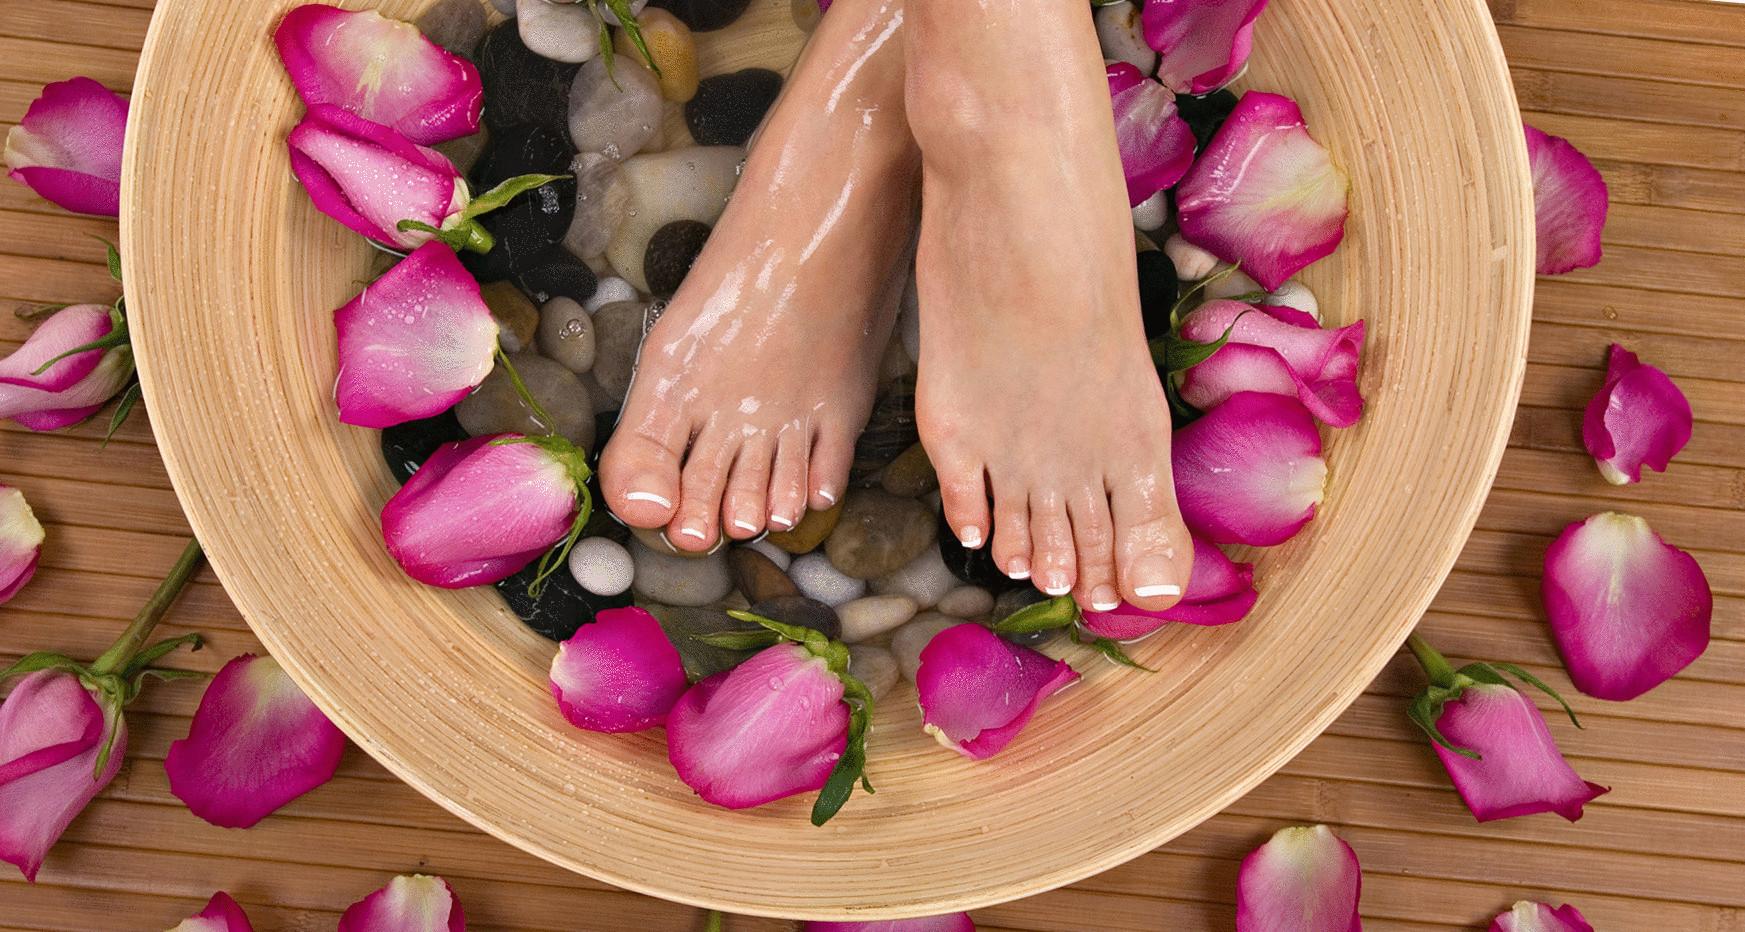 Как избавиться от потливости ног и неприятного запаха